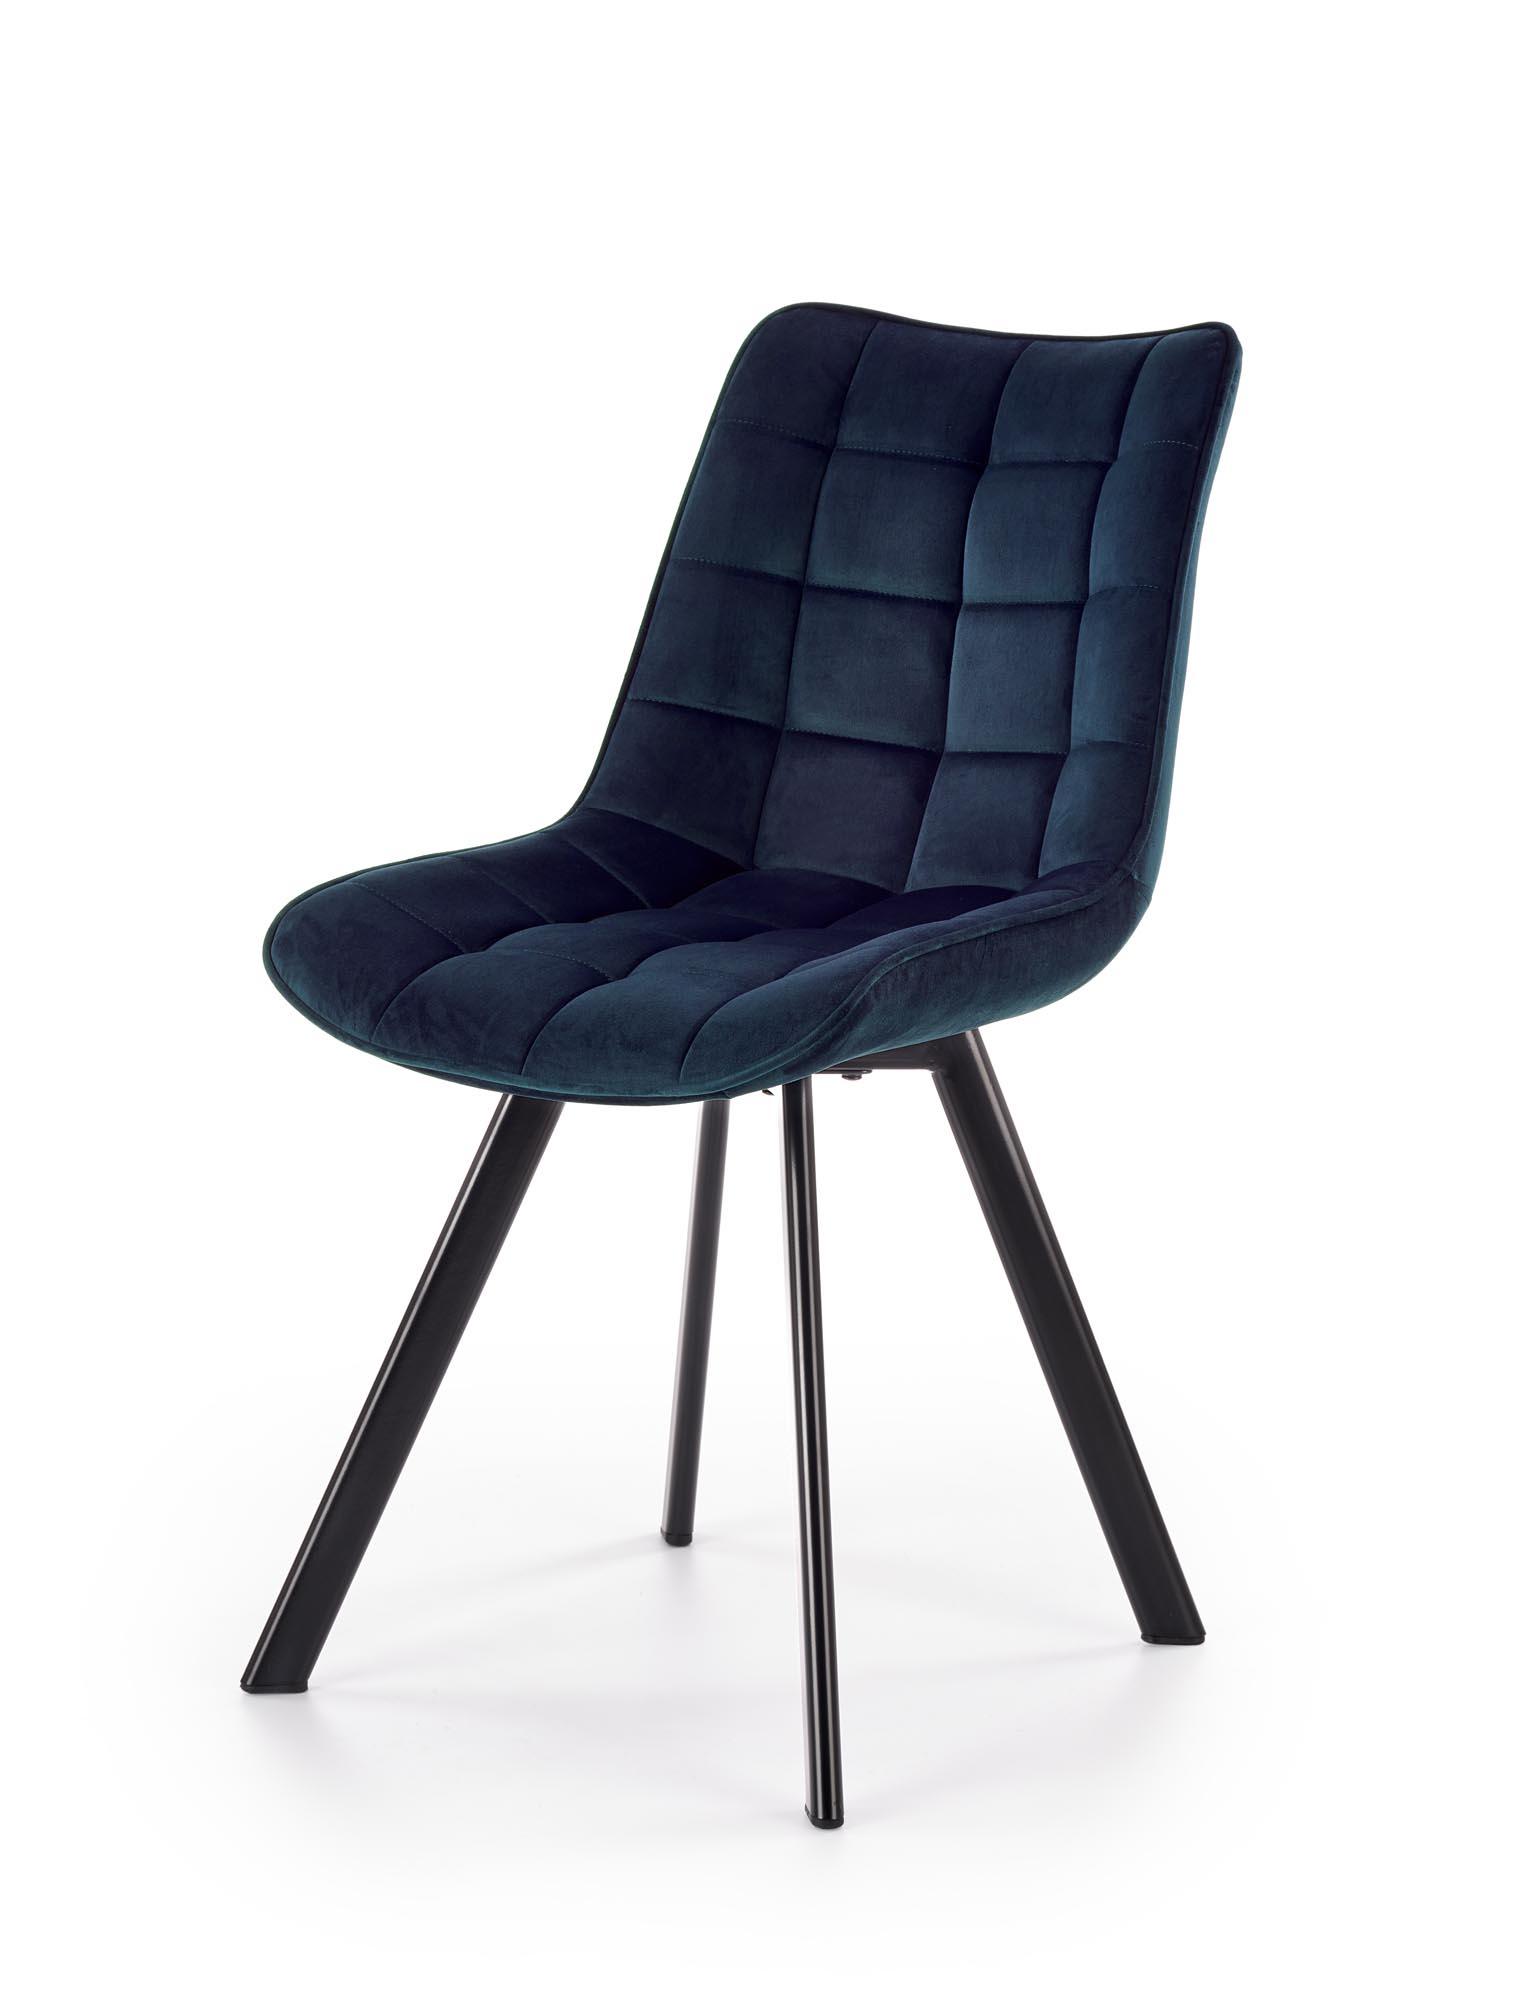 K332 krzesło nogi - czarne, siedzisko - granatowy